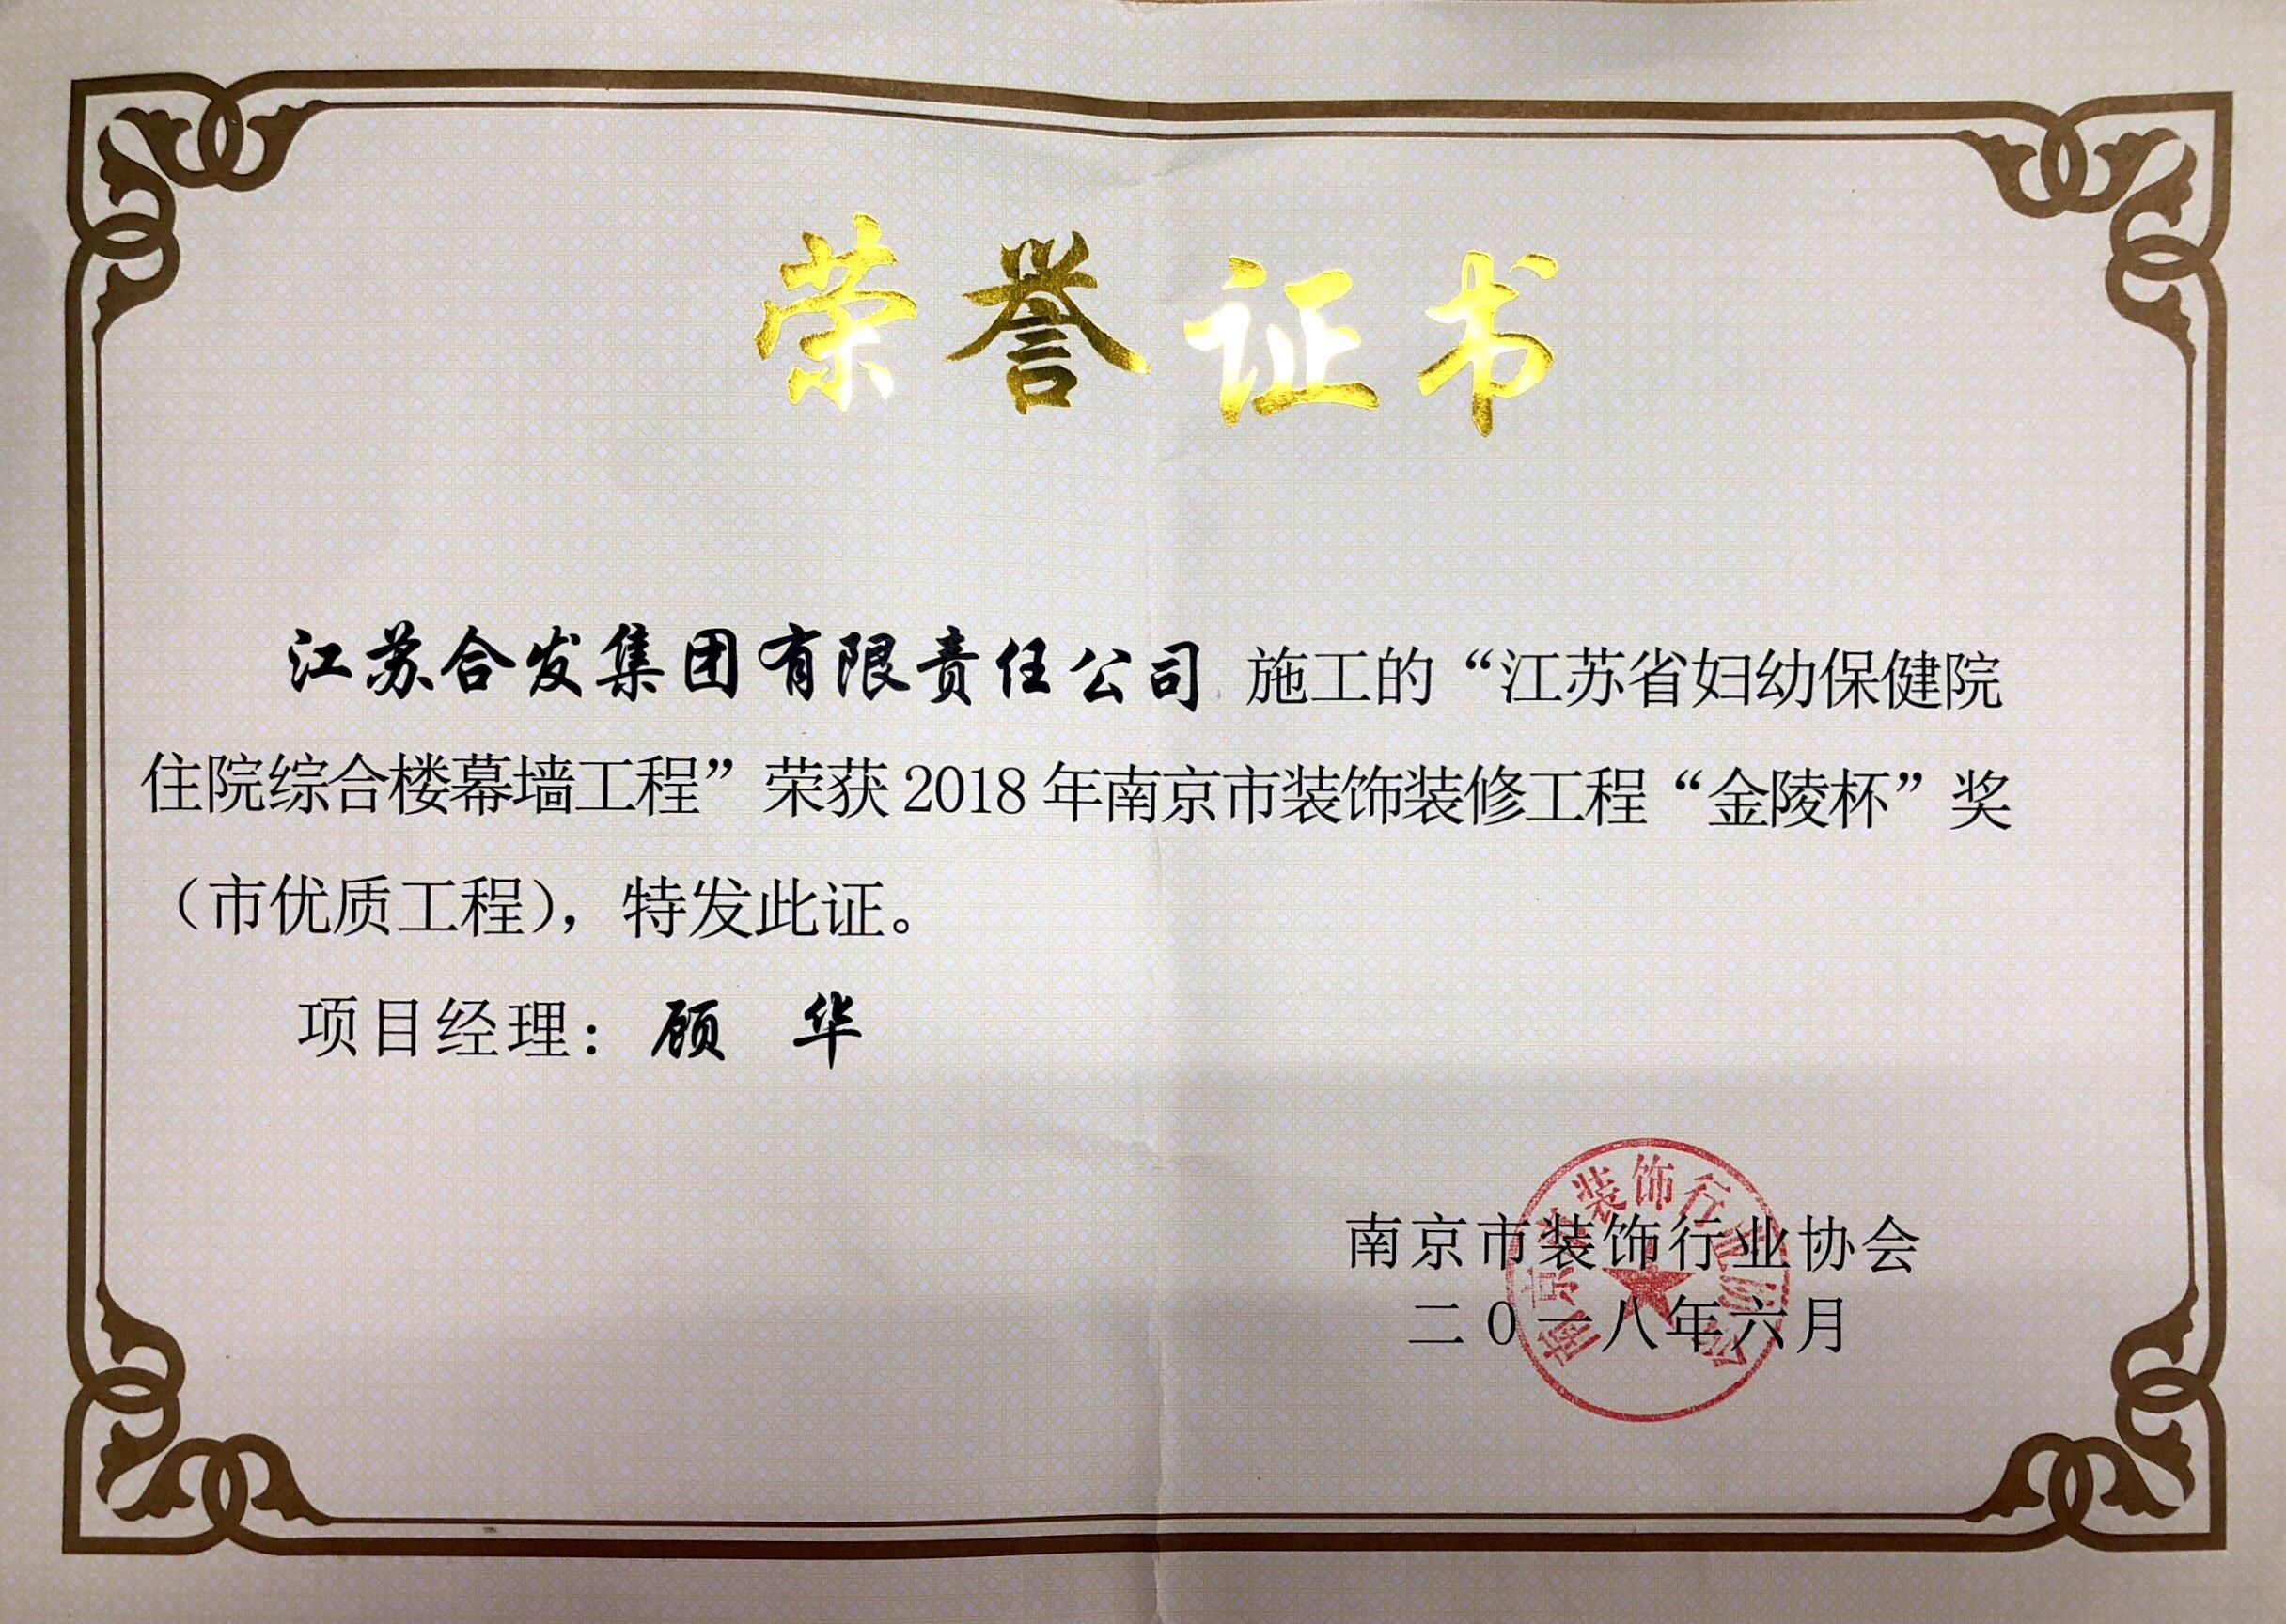 江蘇省婦幼保健院住院綜合樓幕墻工程